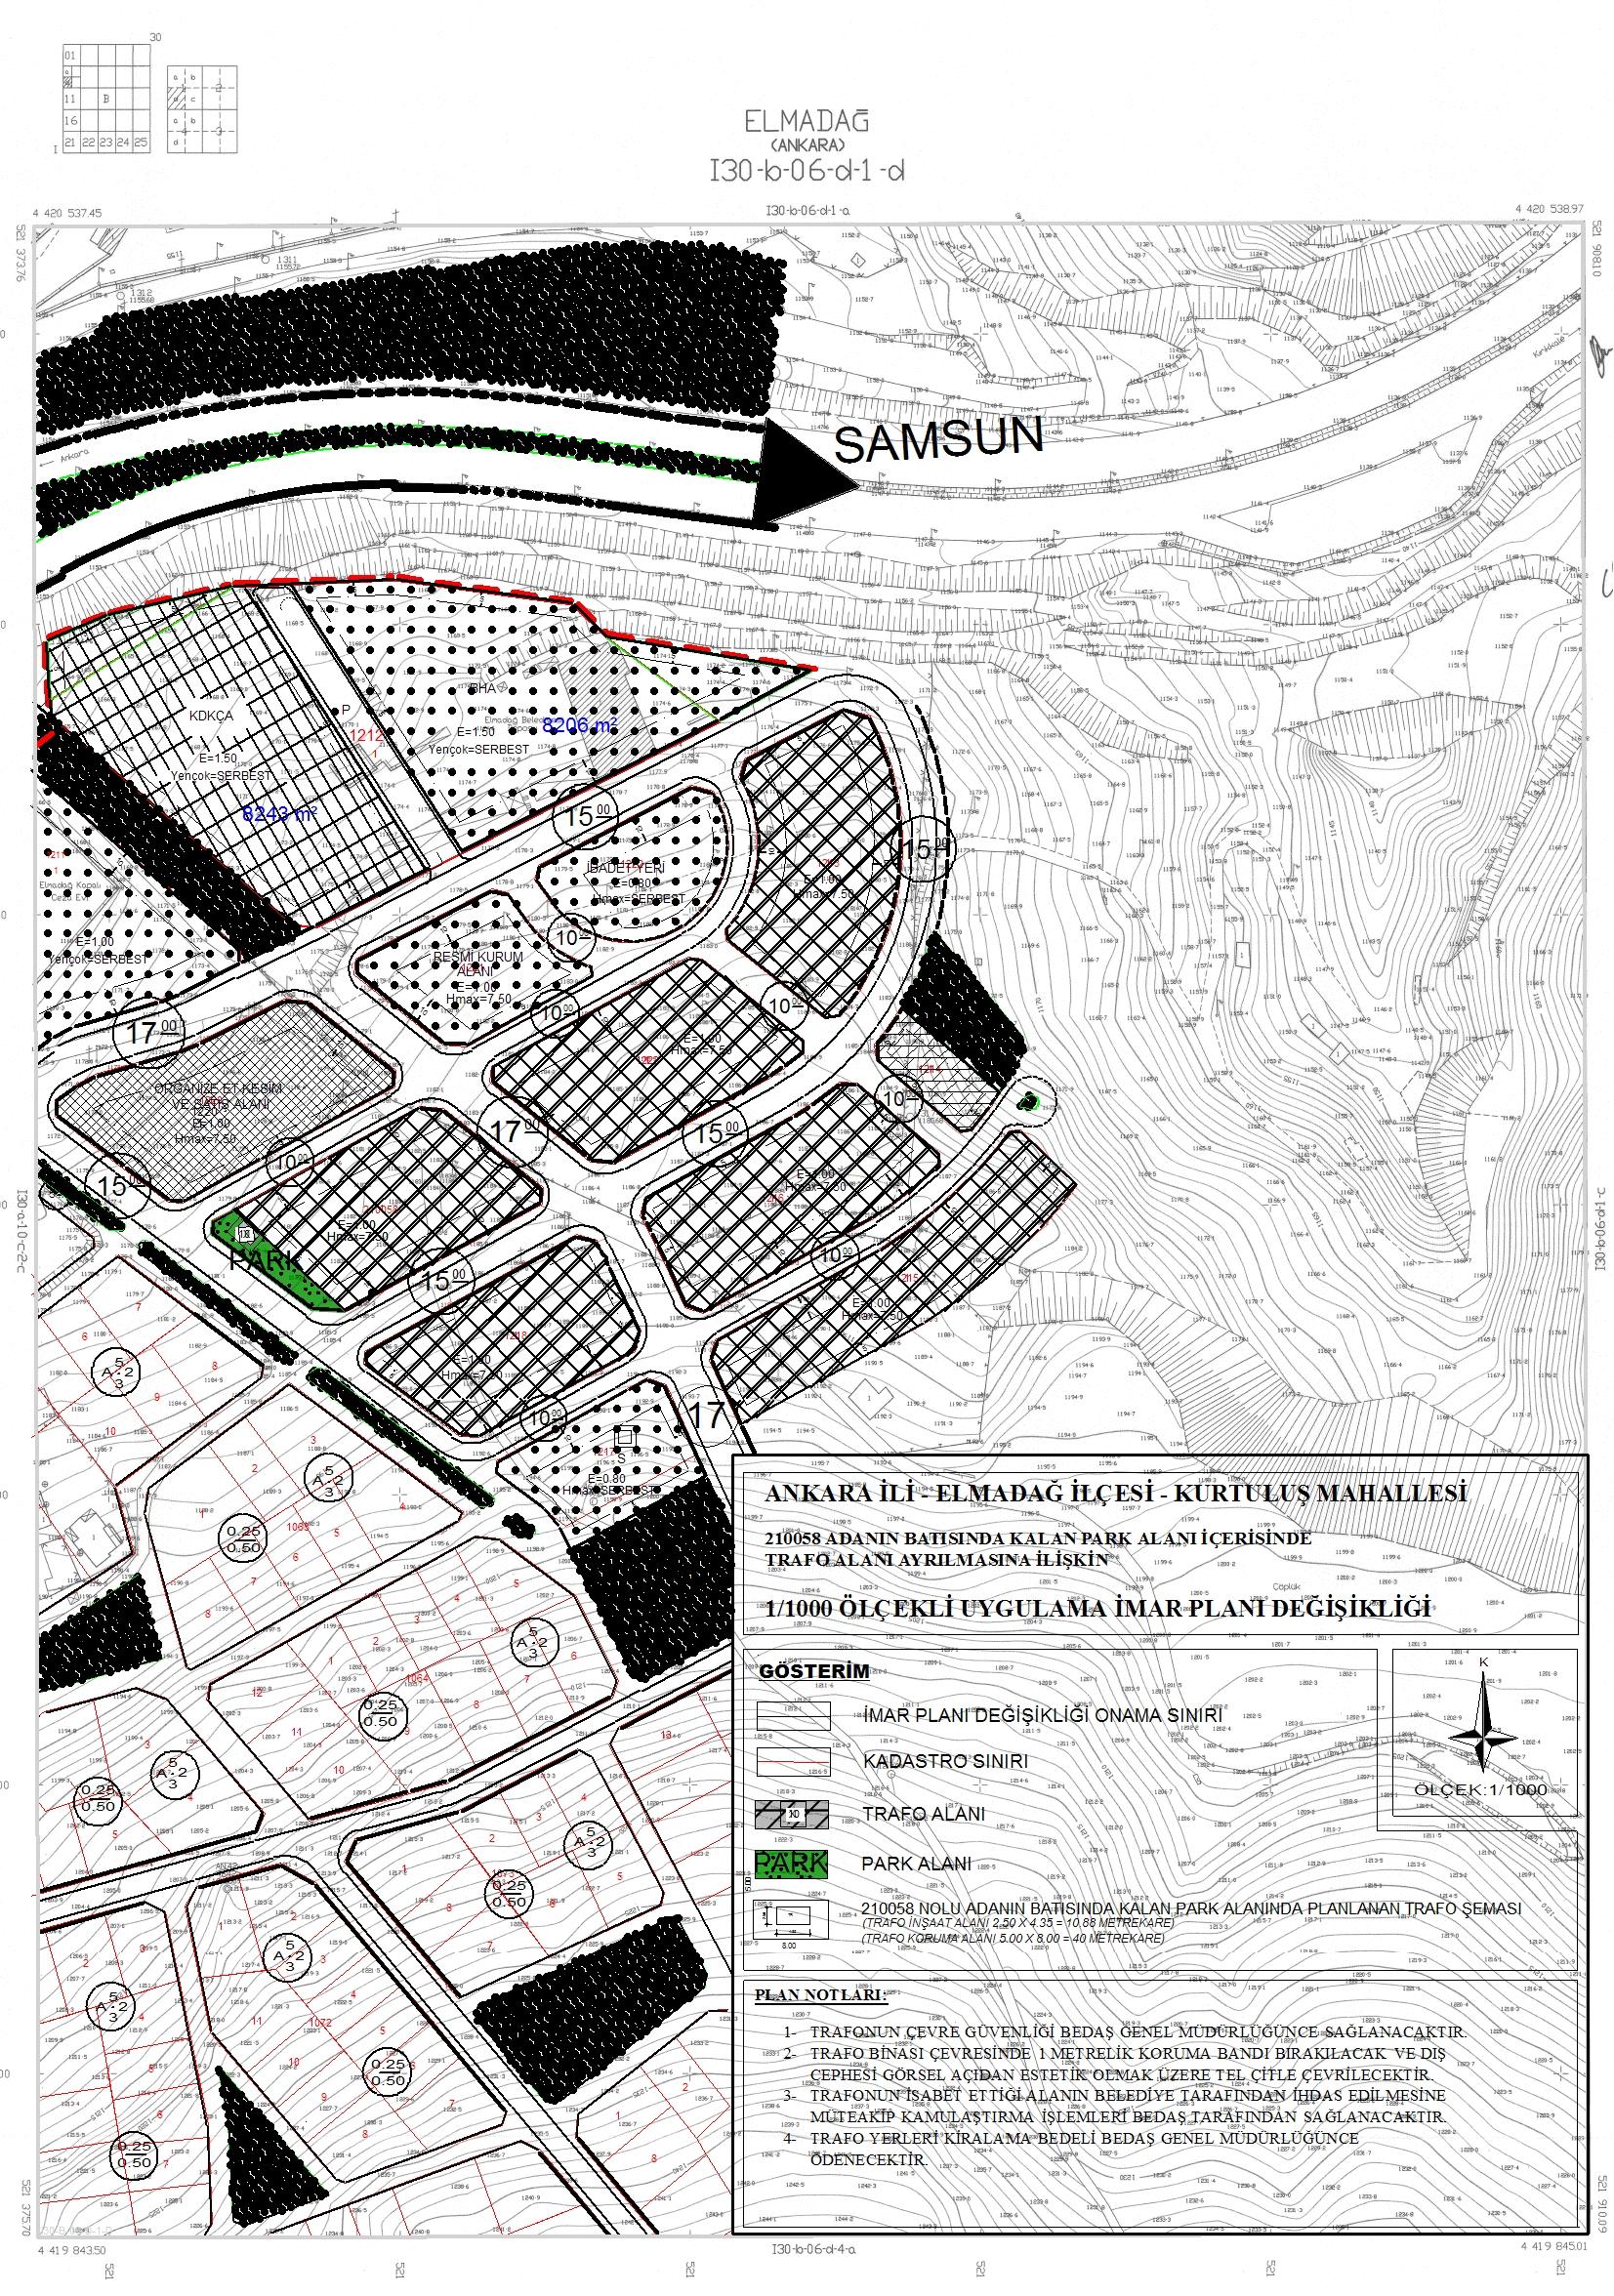 Kurtuluş Mahallesi 210058 ada batısında kalan park alanına trafo yeri ayrılmasına ilişkin hazırlanan imar planı değişikliği